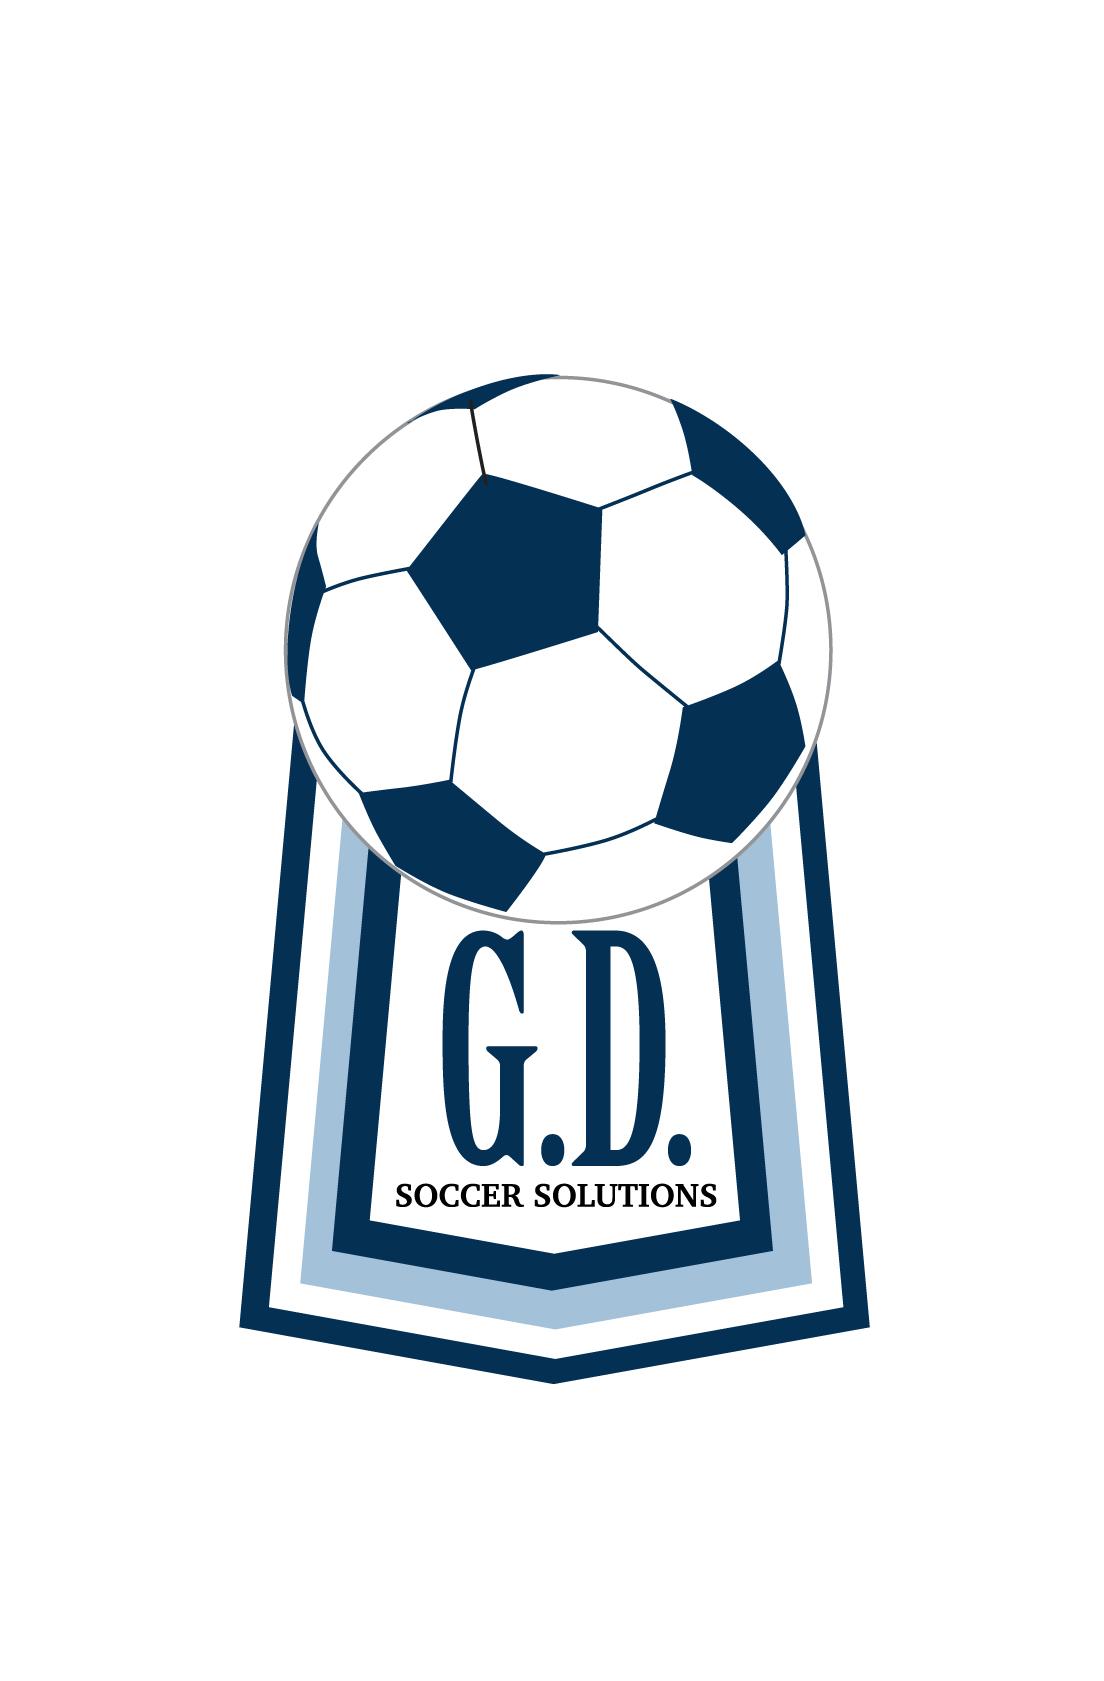 G.D. soccer solutions v3.jpg